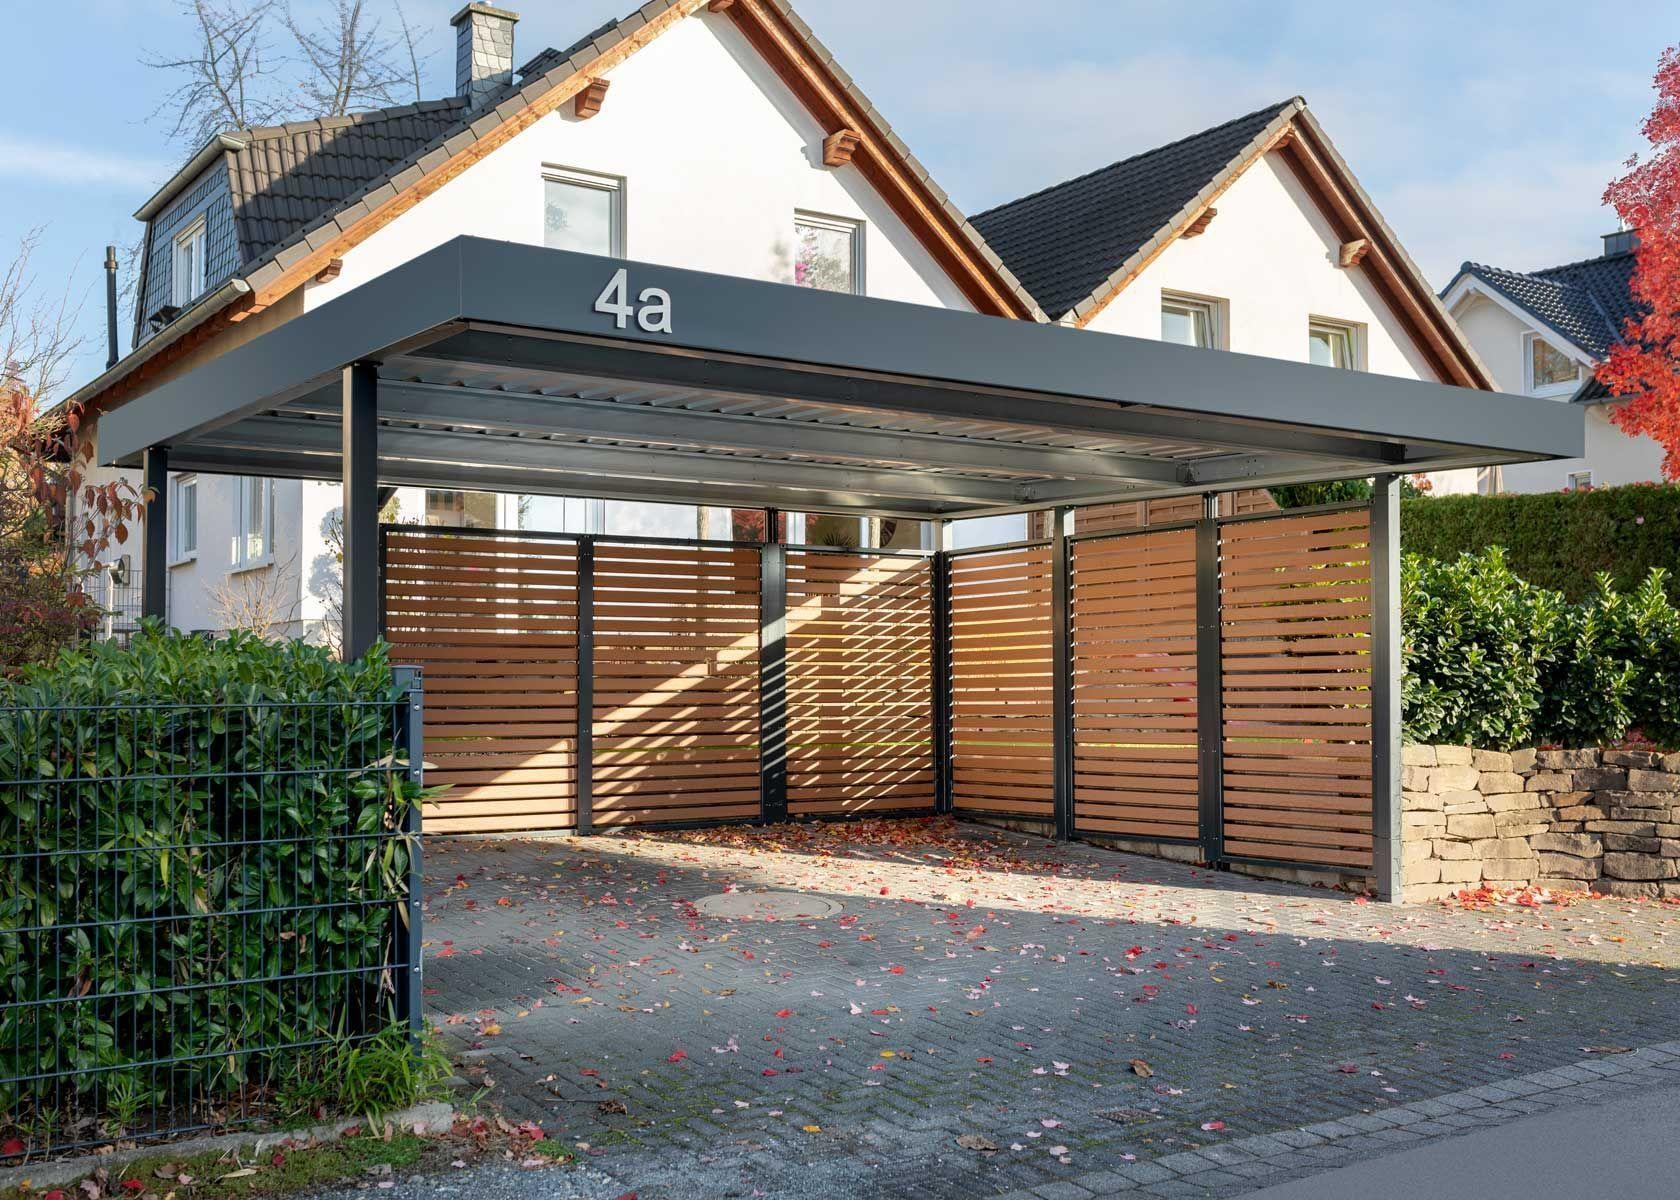 Doppelcarport Mit Wandelementen Wpc Lattung Doppelcarport Mit Pergola Pergola Diy Pergola Modern Doppel In 2020 Double Carport Garage Door Design Carport Designs